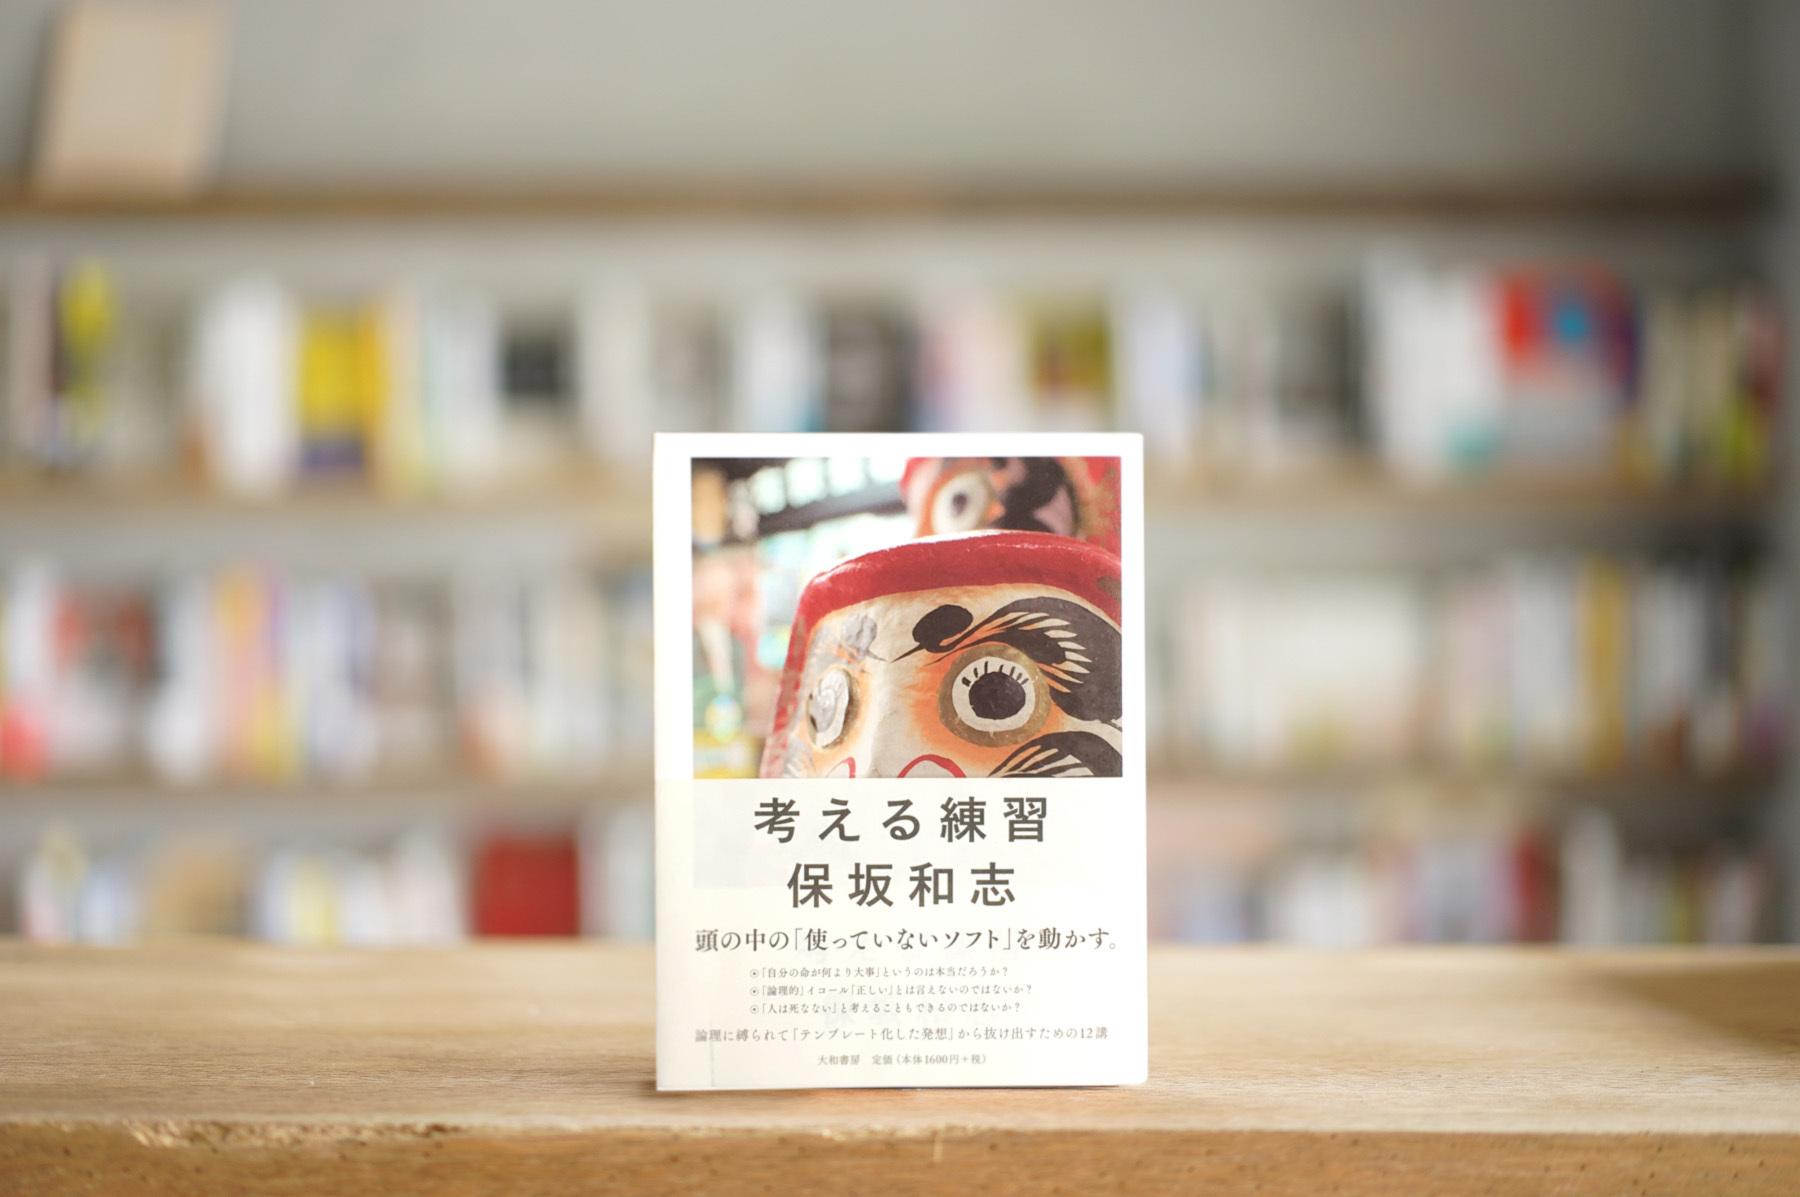 保坂和志 『考える練習』 (大和書房、2013)